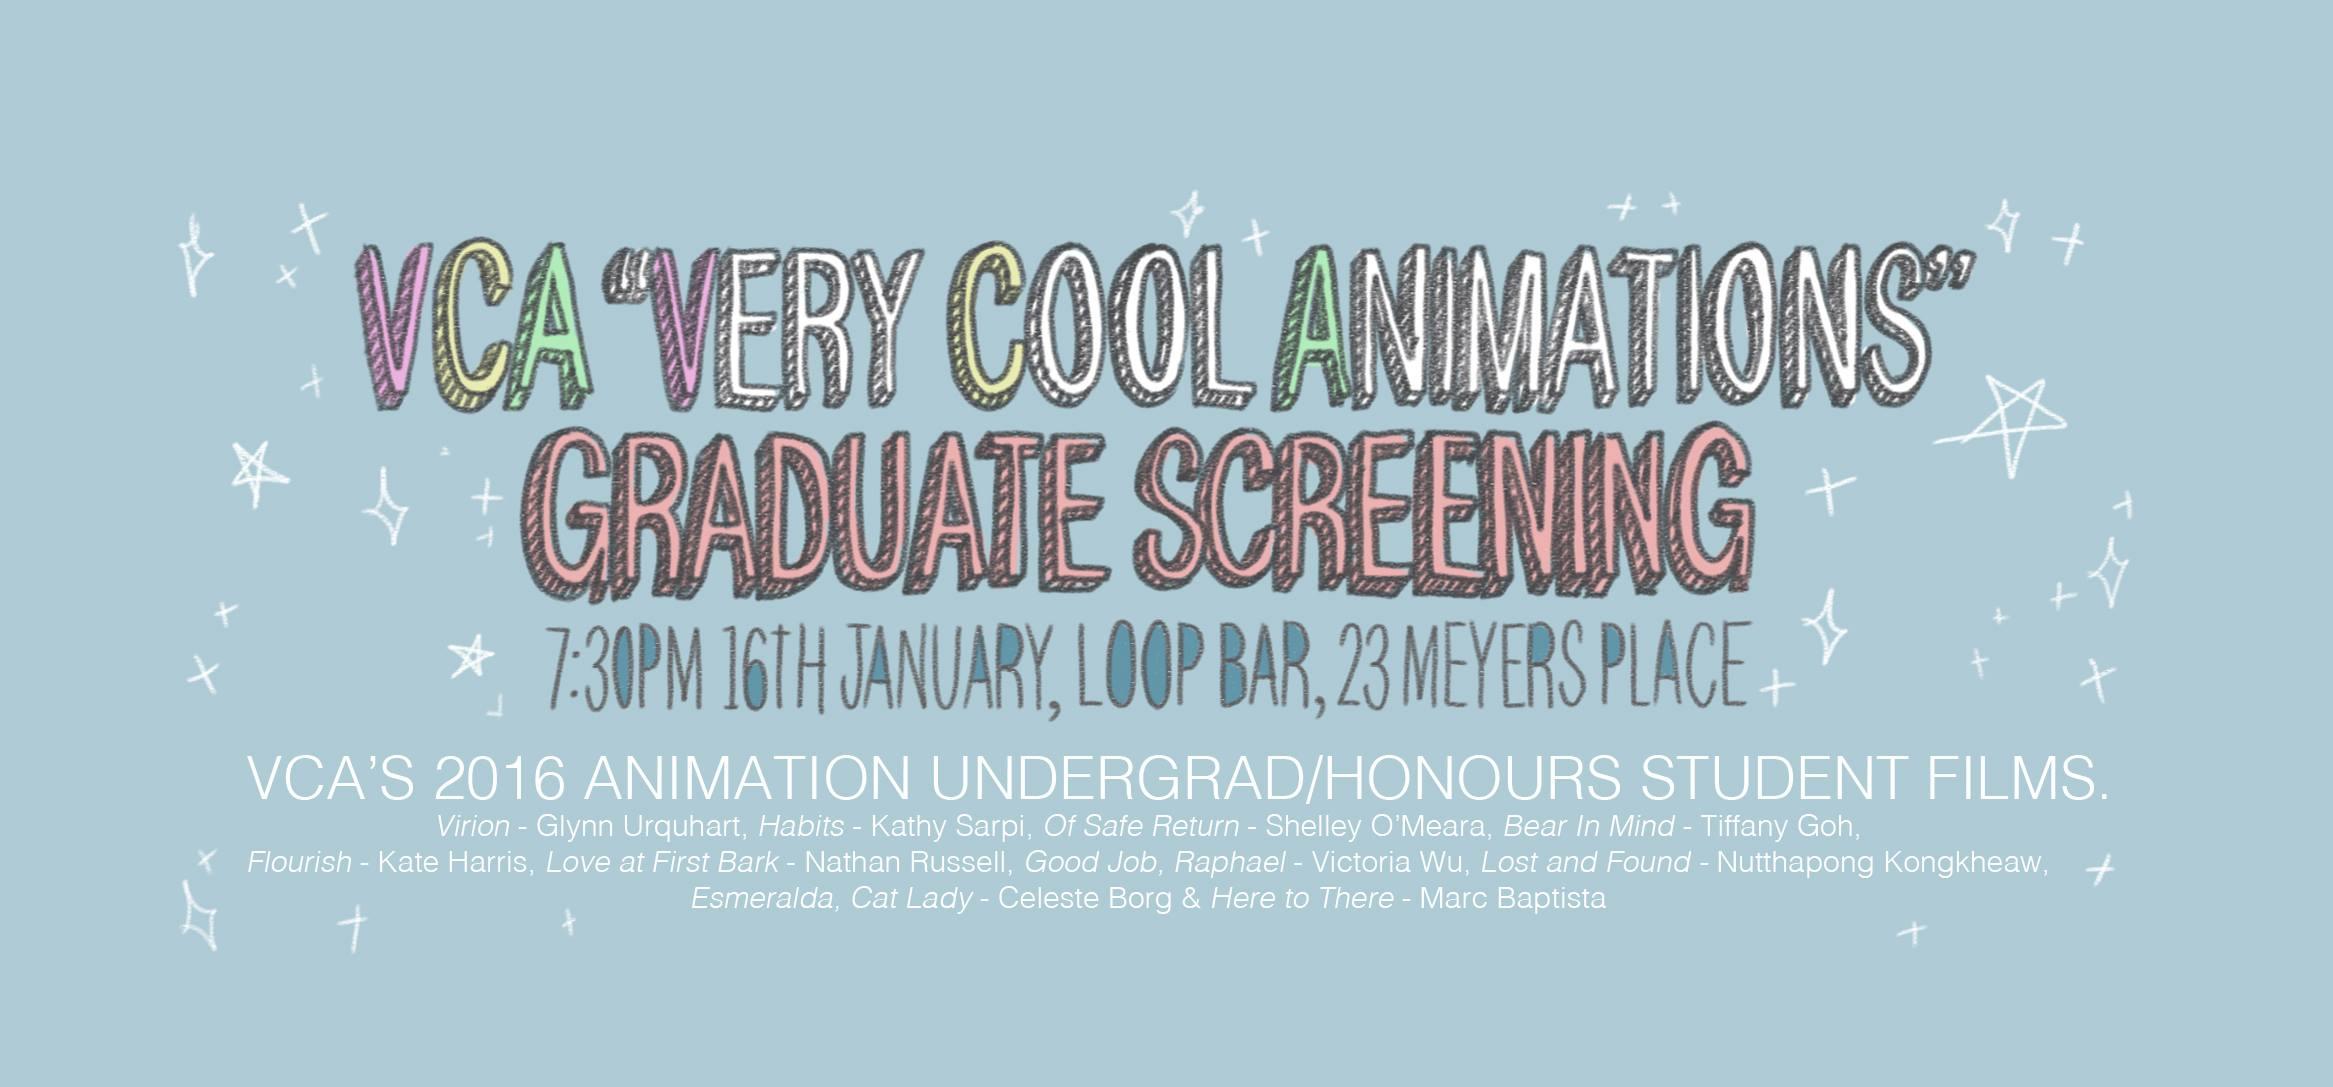 vca-graduate-screening